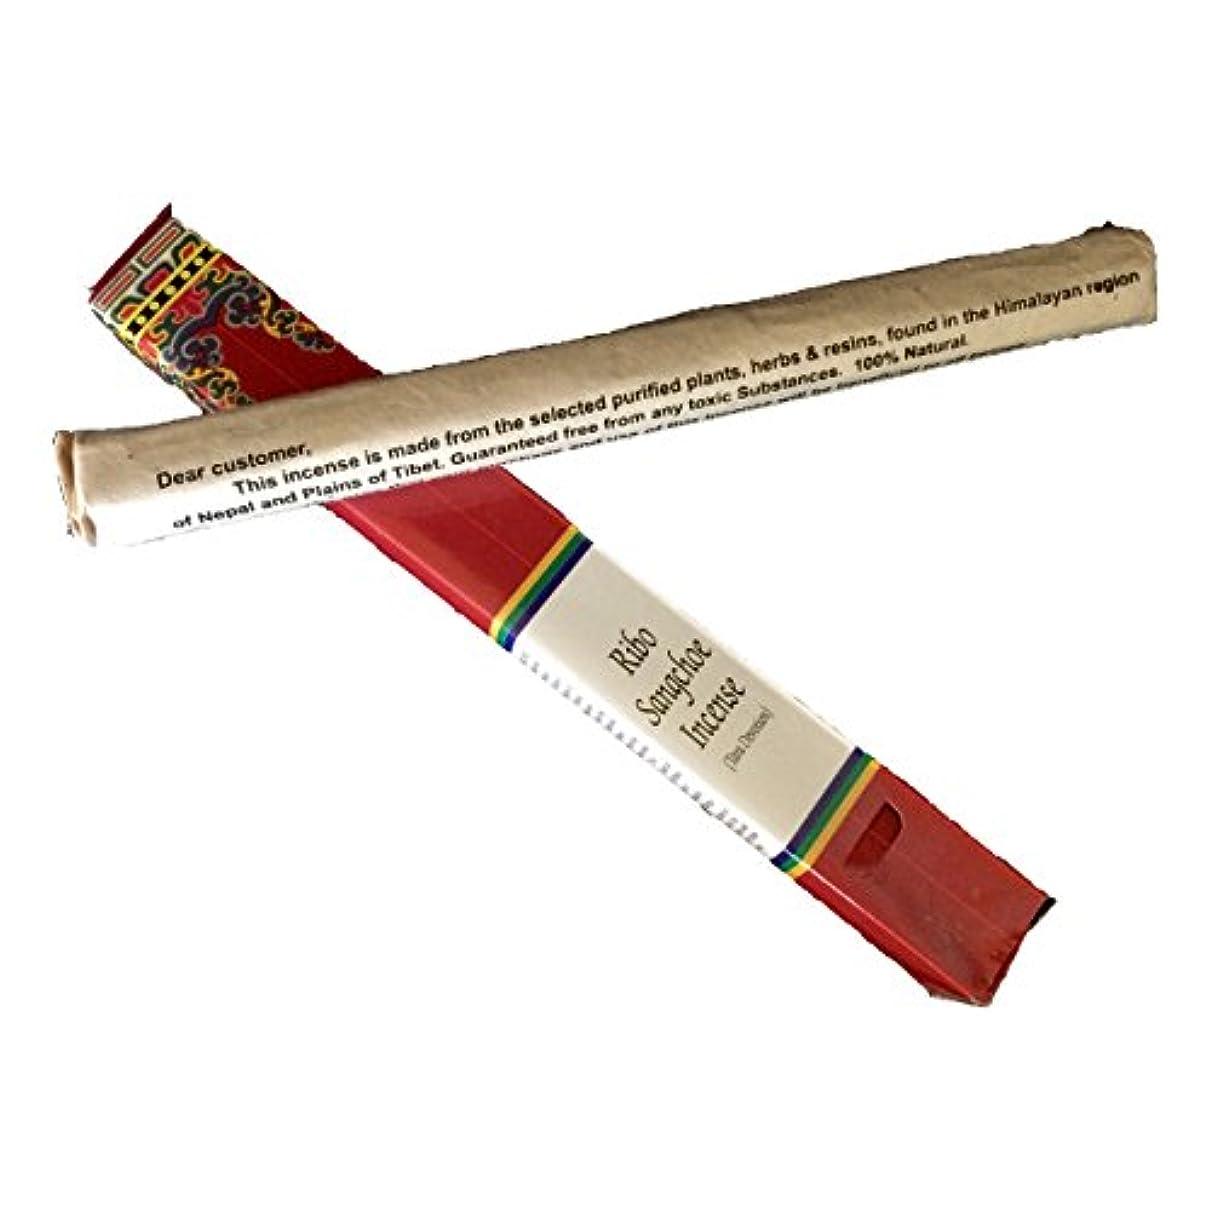 装備する謎めいた緩めるチベットTara Devotion (ribo Sangtsheo) Incense、8.5